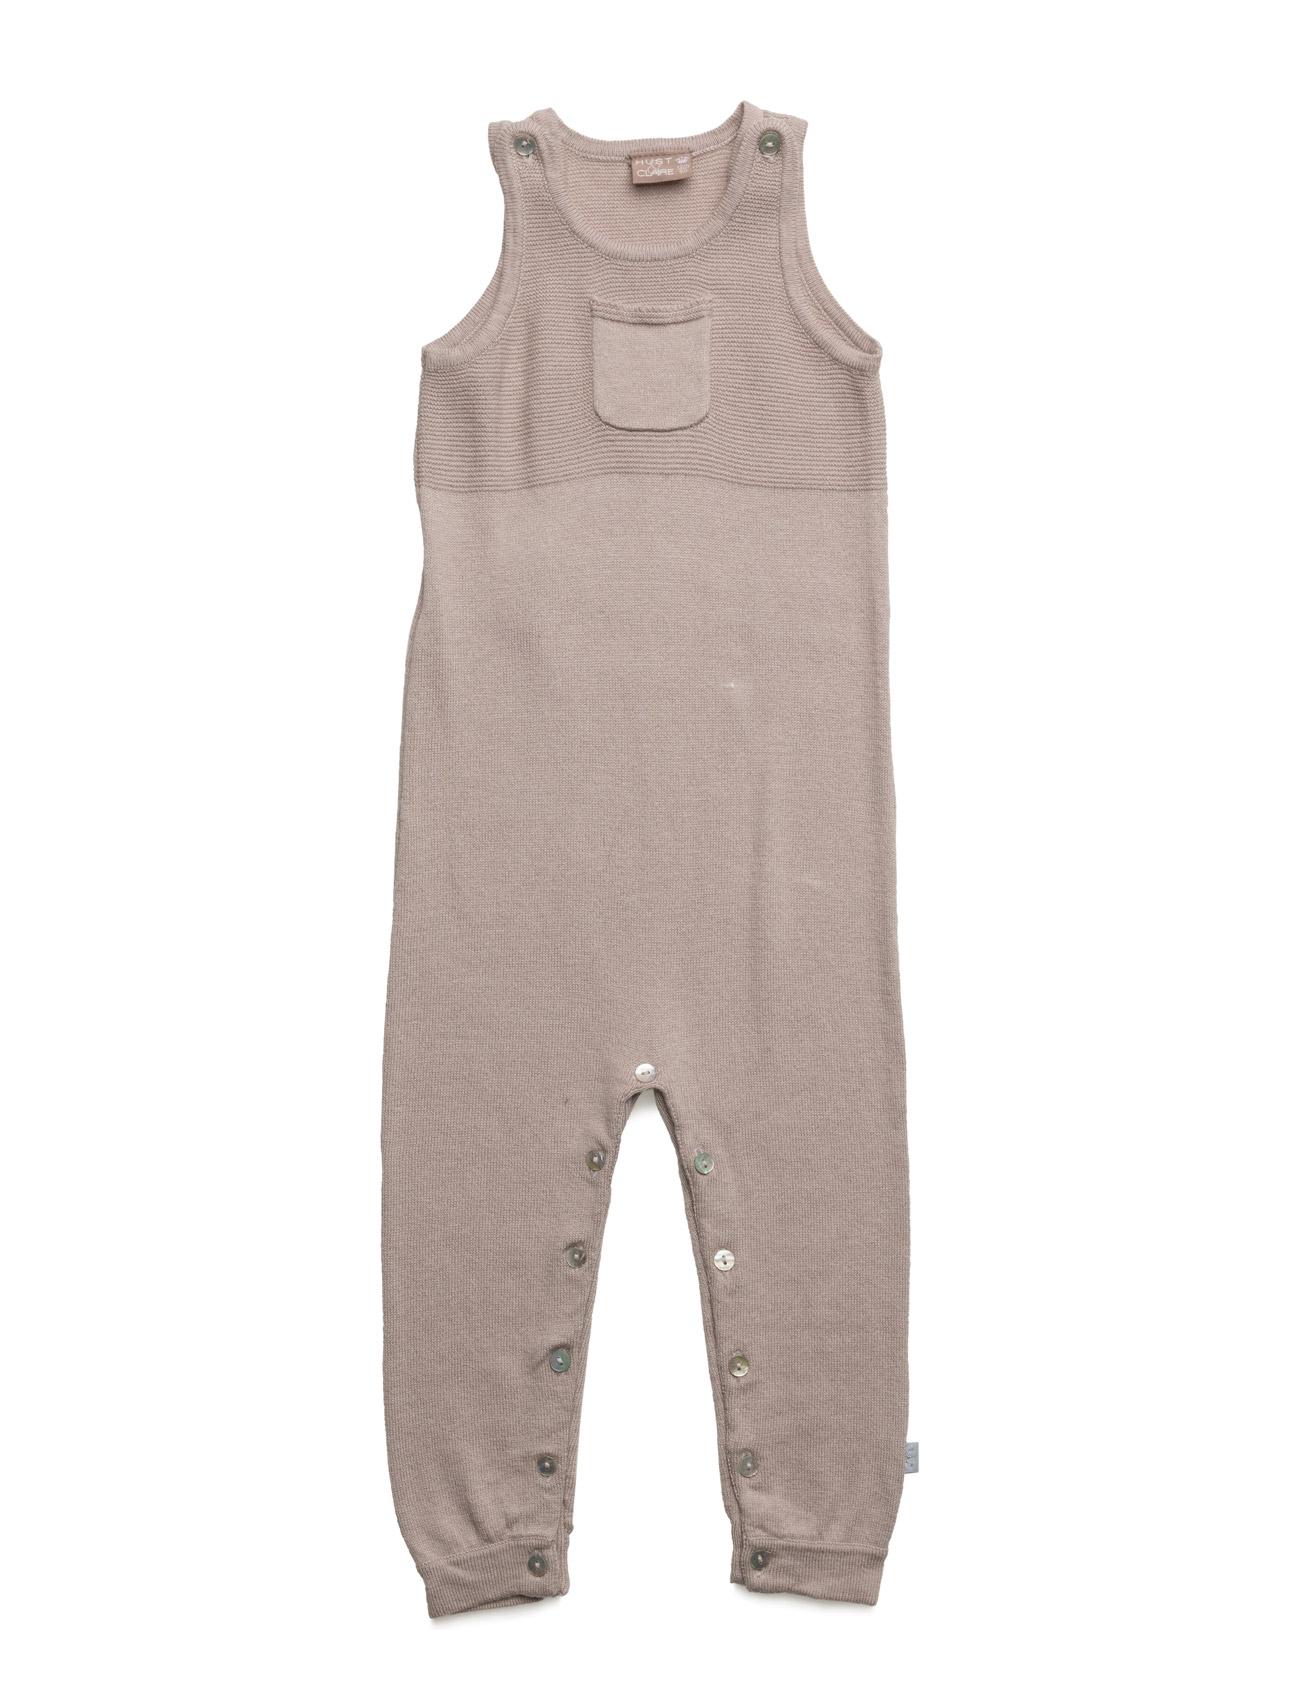 Knit Suit Hust & Claire Langærmede bodies til Børn i SAND